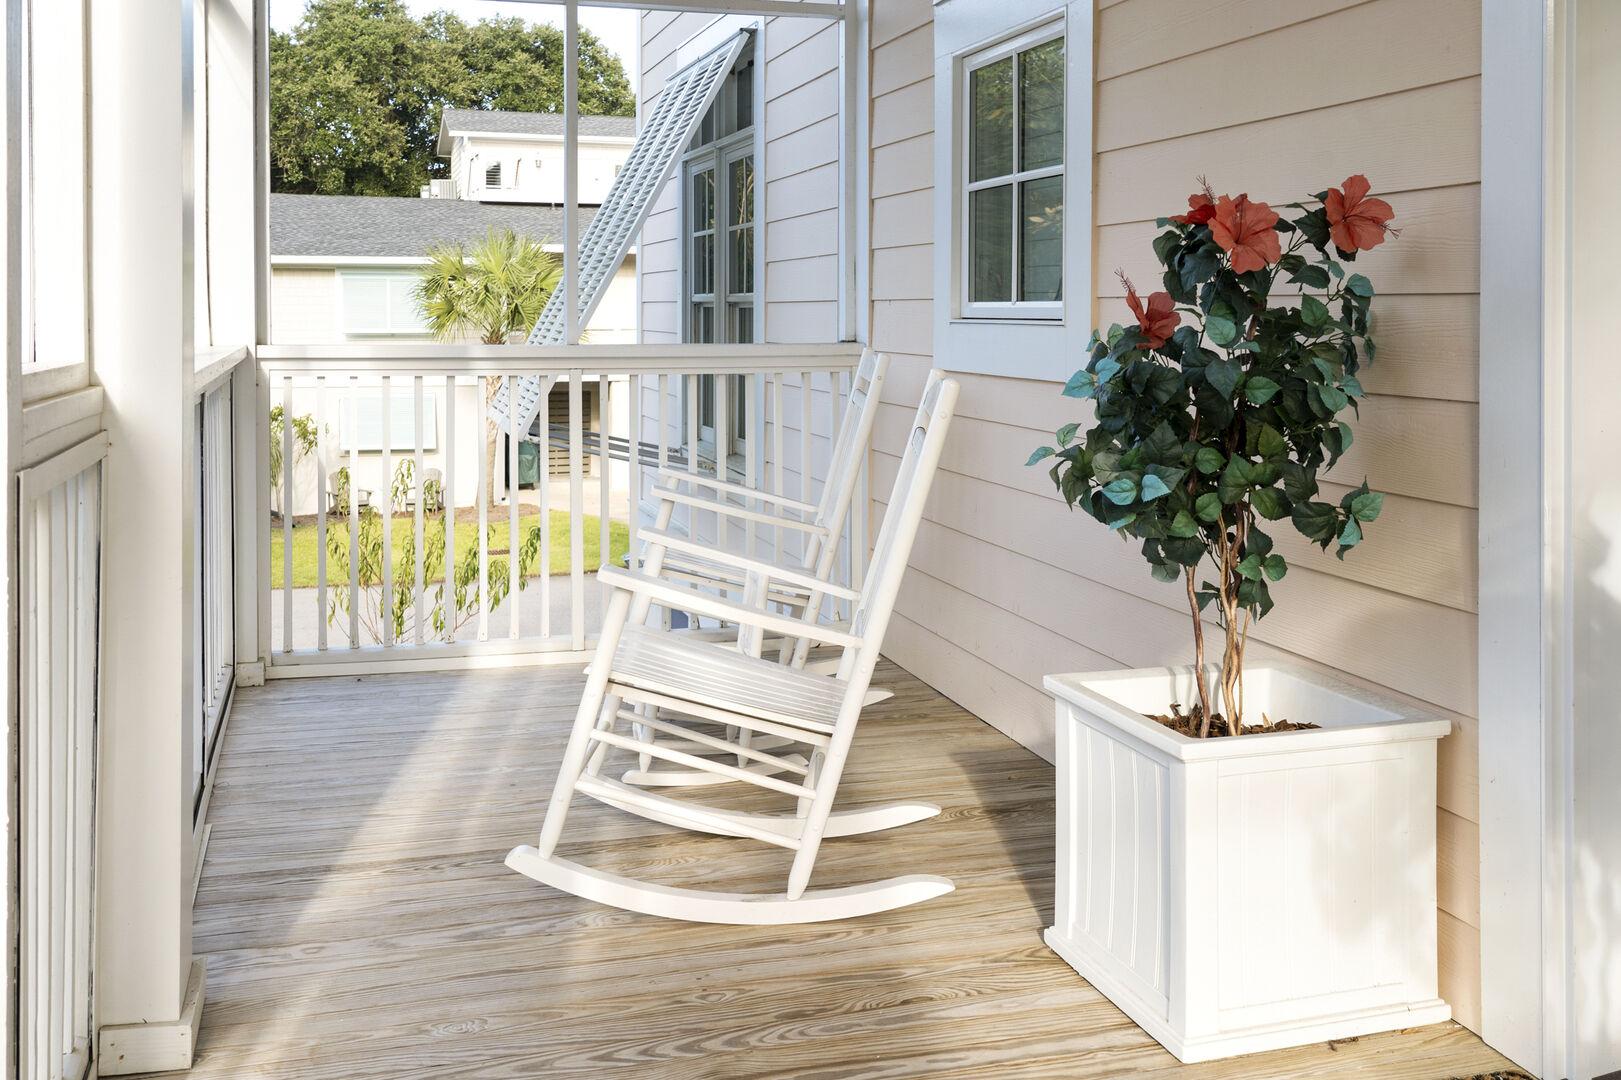 Porch - First Floor